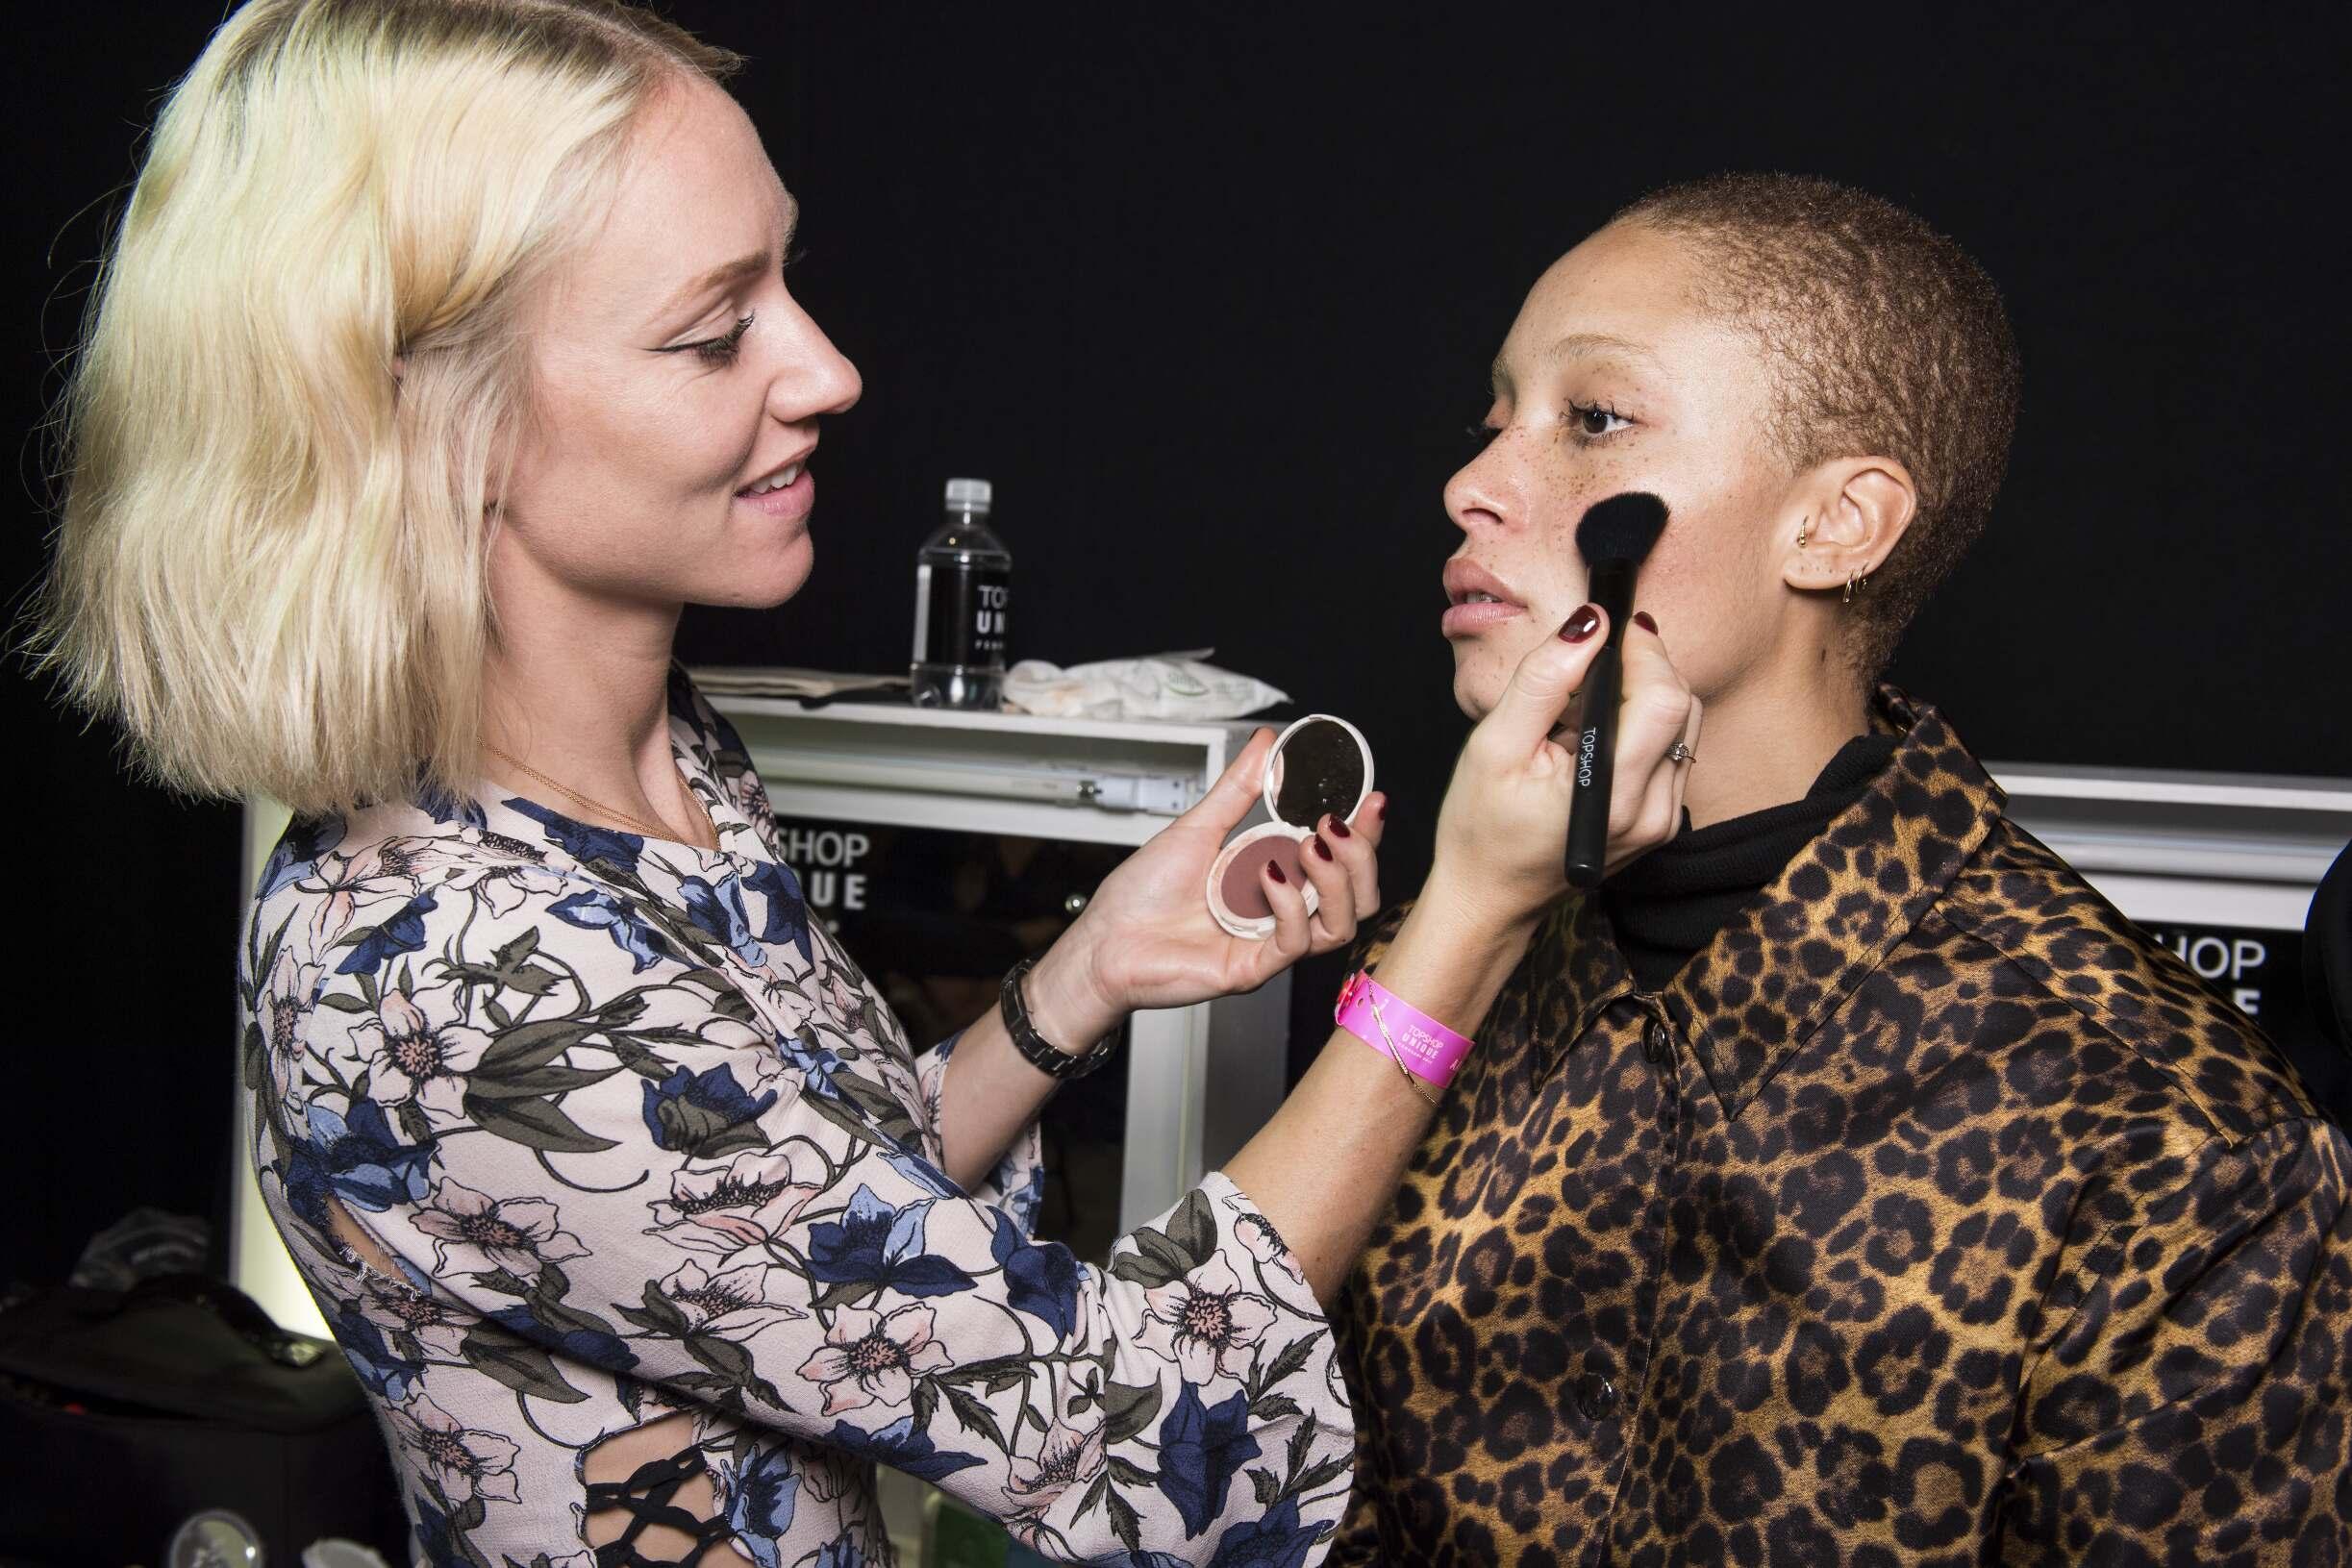 Woman Topshop Unique Makeup 2017